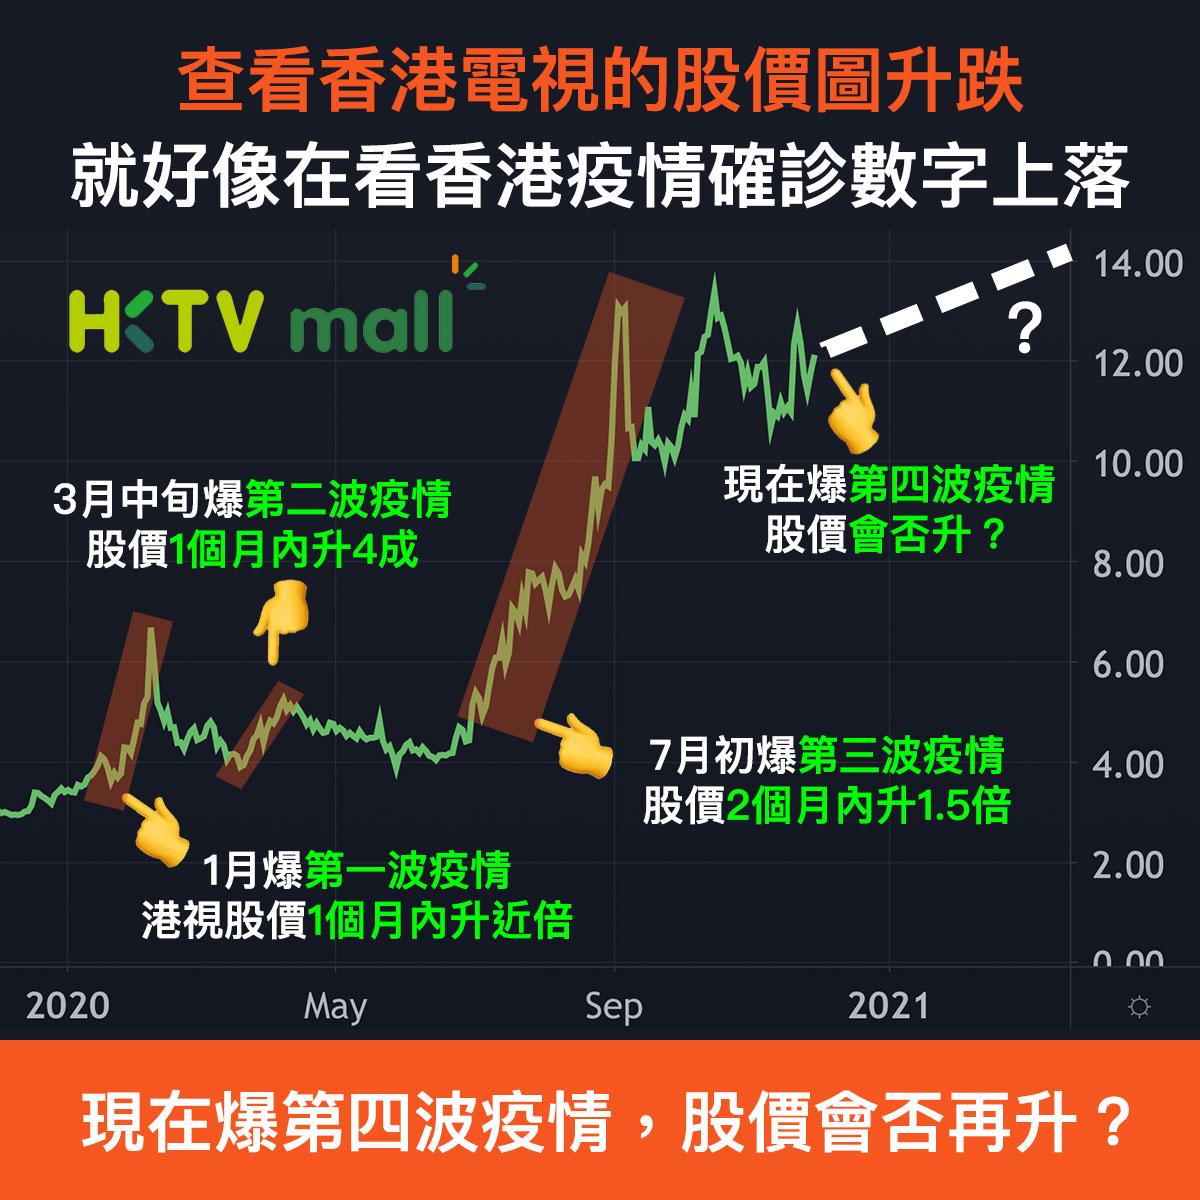 香港電視與疫情